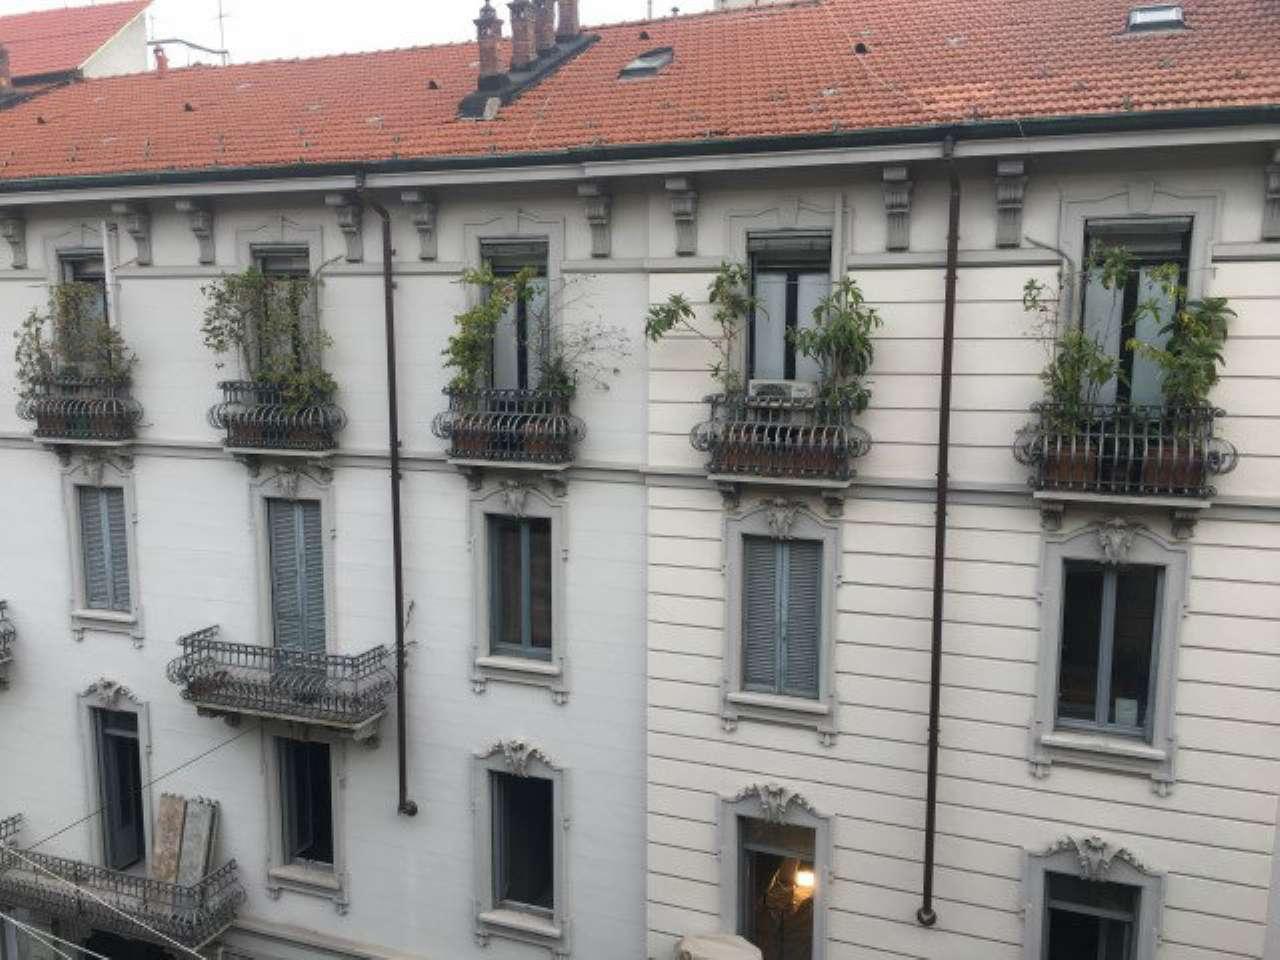 Appartamento in vendita a Milano, 4 locali, zona Zona: 1 . Centro Storico, Duomo, Brera, Cadorna, Cattolica, prezzo € 1.100.000   CambioCasa.it